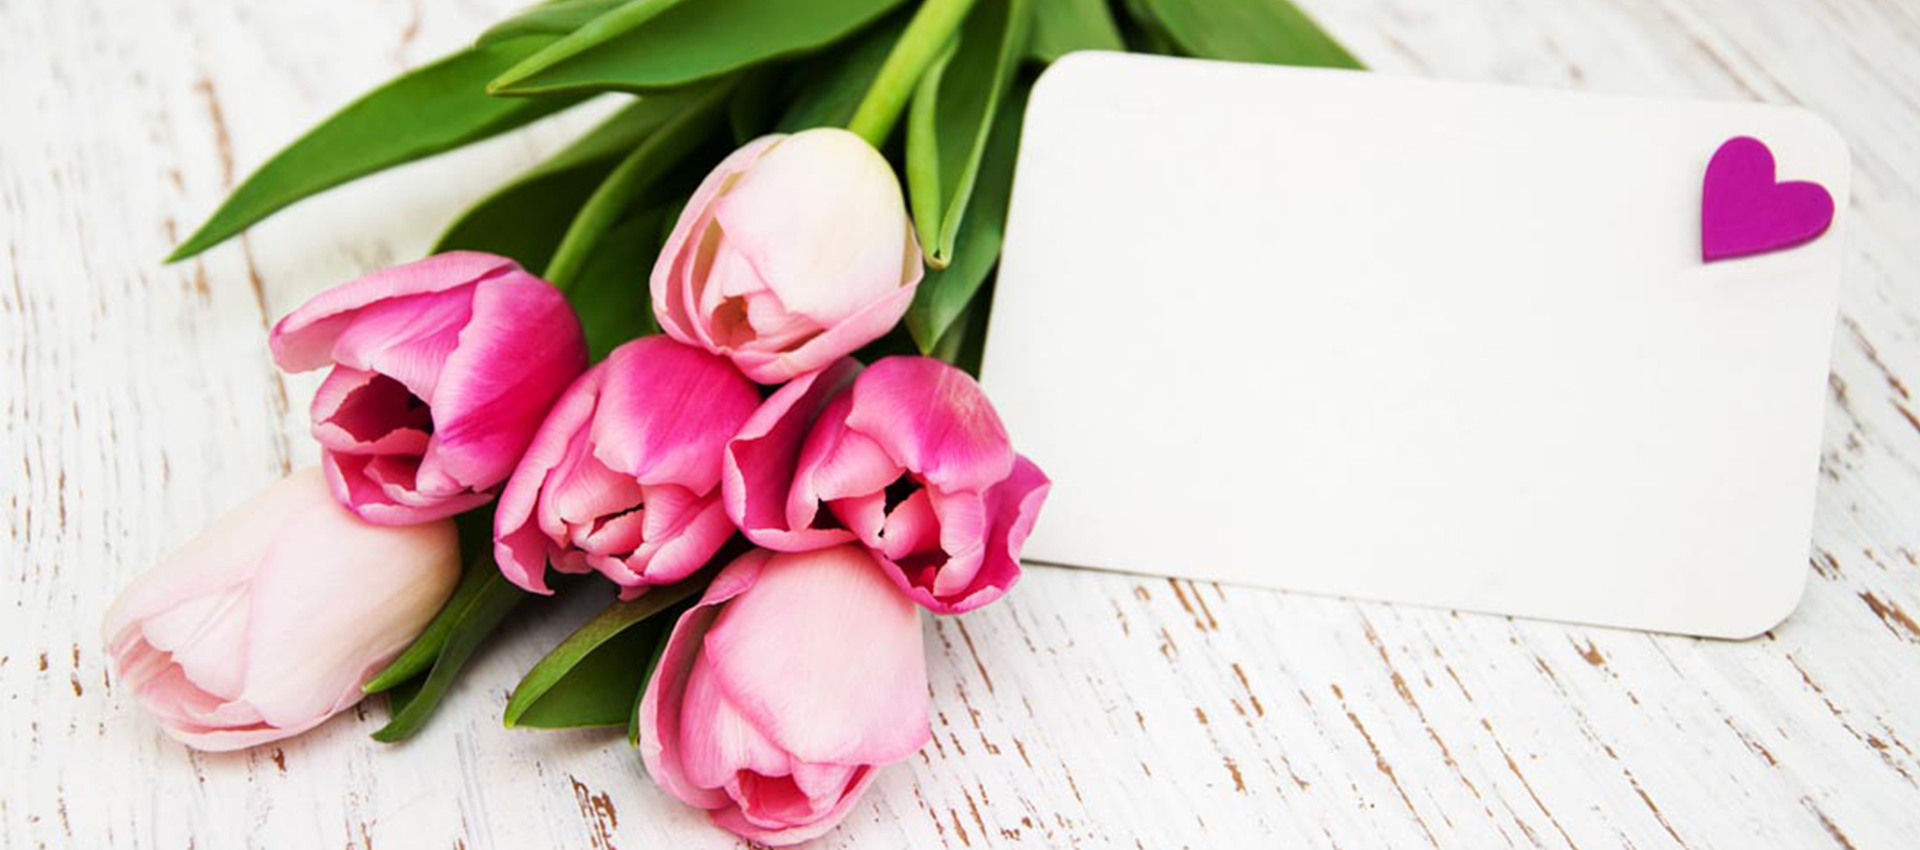 Bouquet flor cor de rosa arranjo de flores background ...